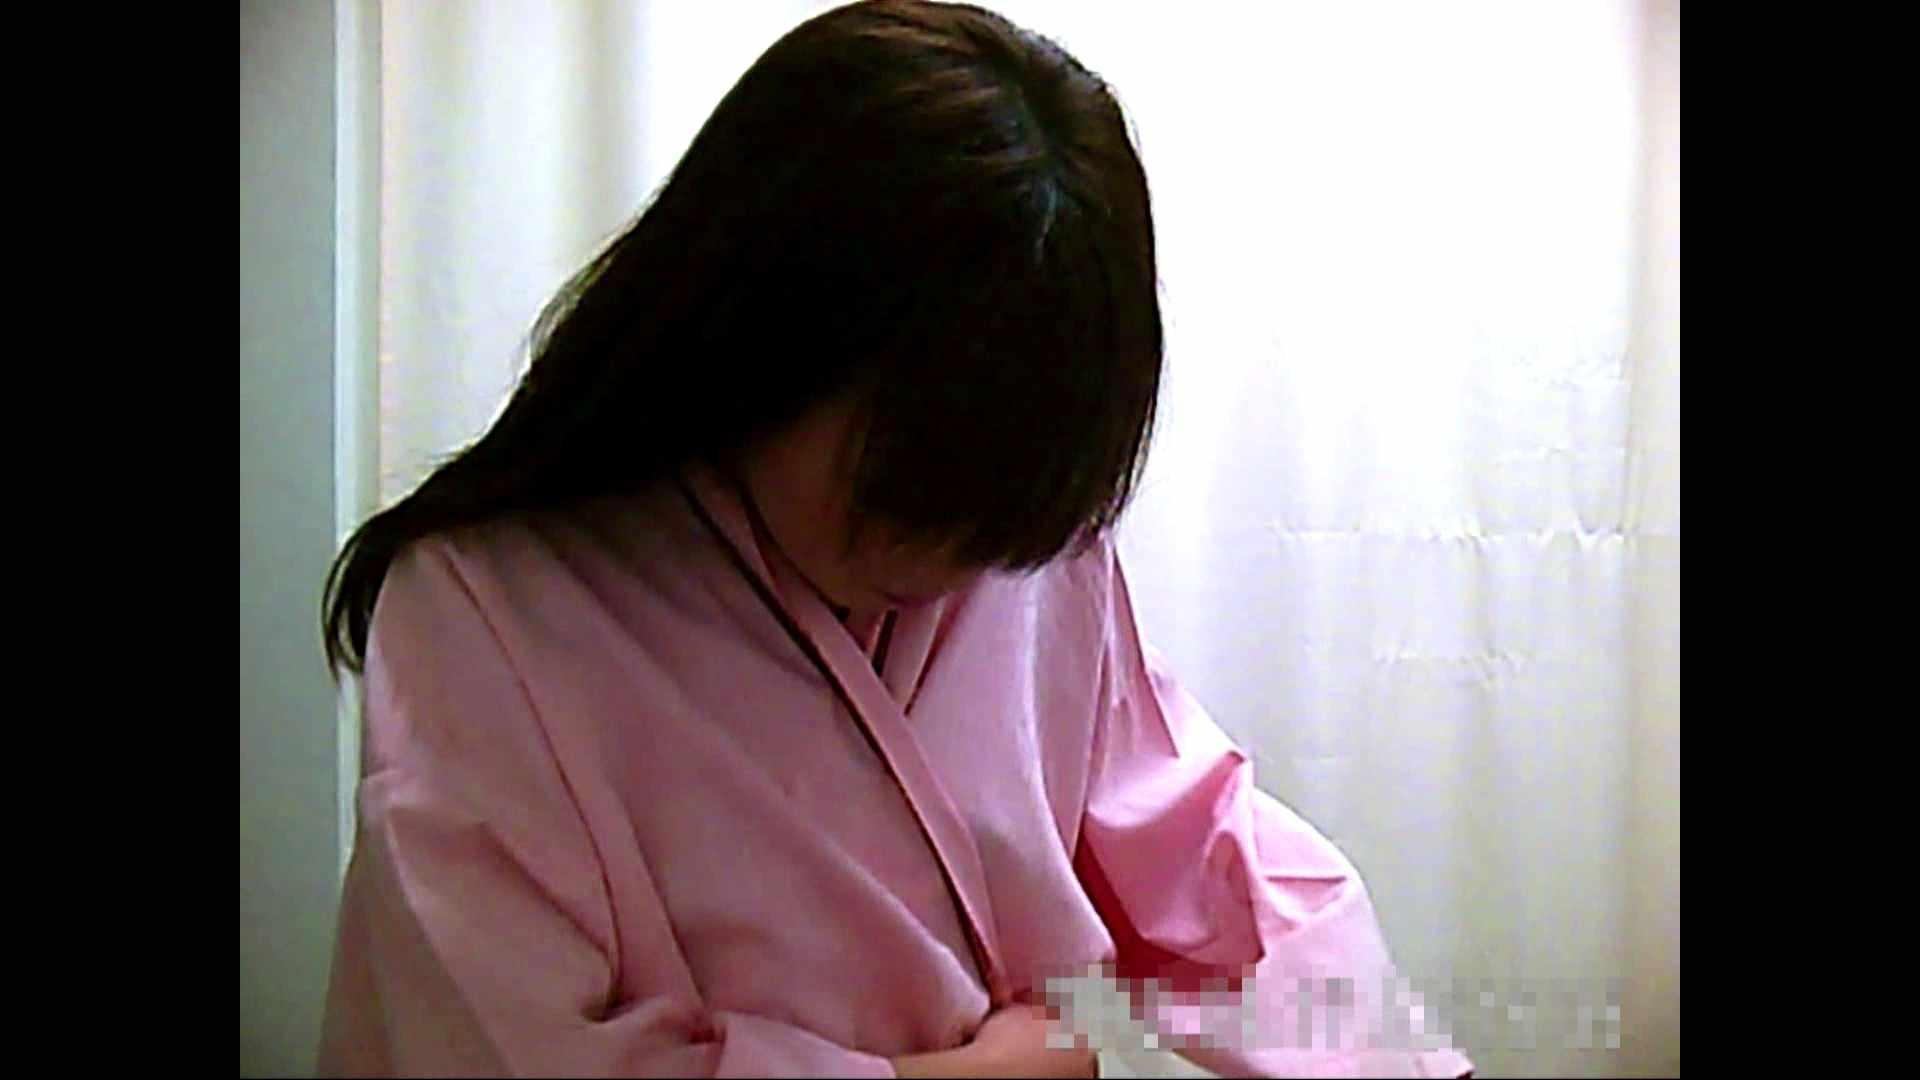 元医者による反抗 更衣室地獄絵巻 vol.016 OL女体   0  56連発 5